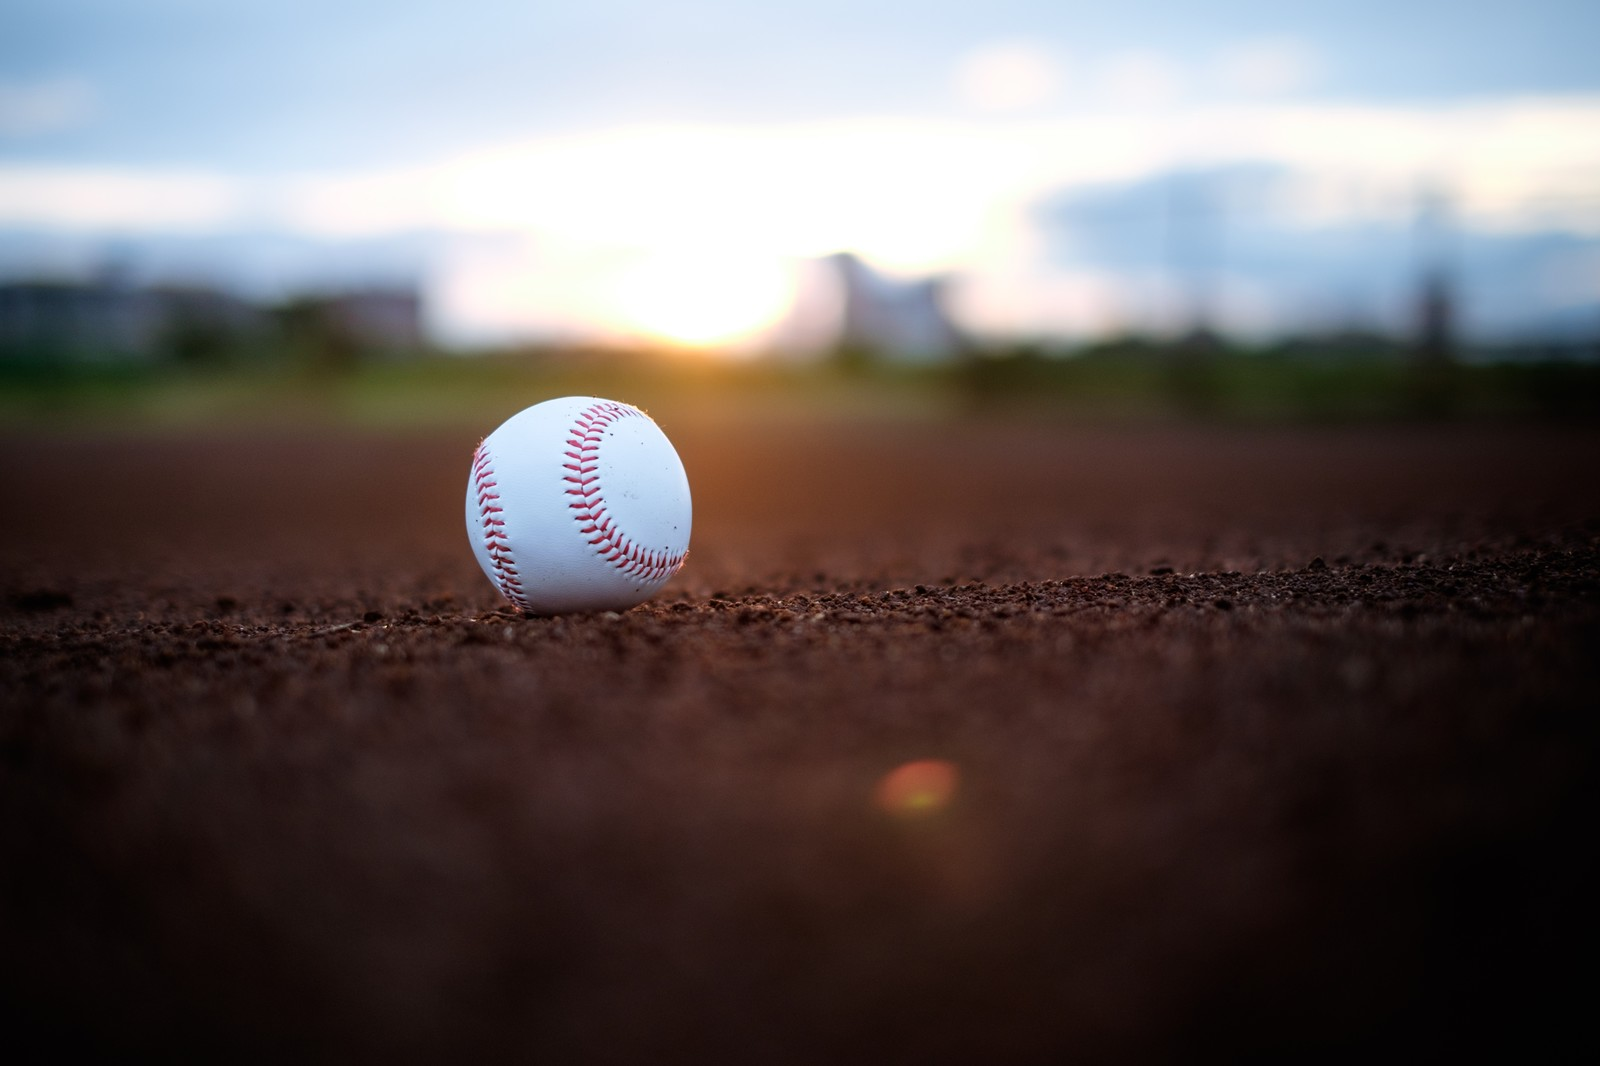 「高校野球の夏が始まる高校野球の夏が始まる」のフリー写真素材を拡大